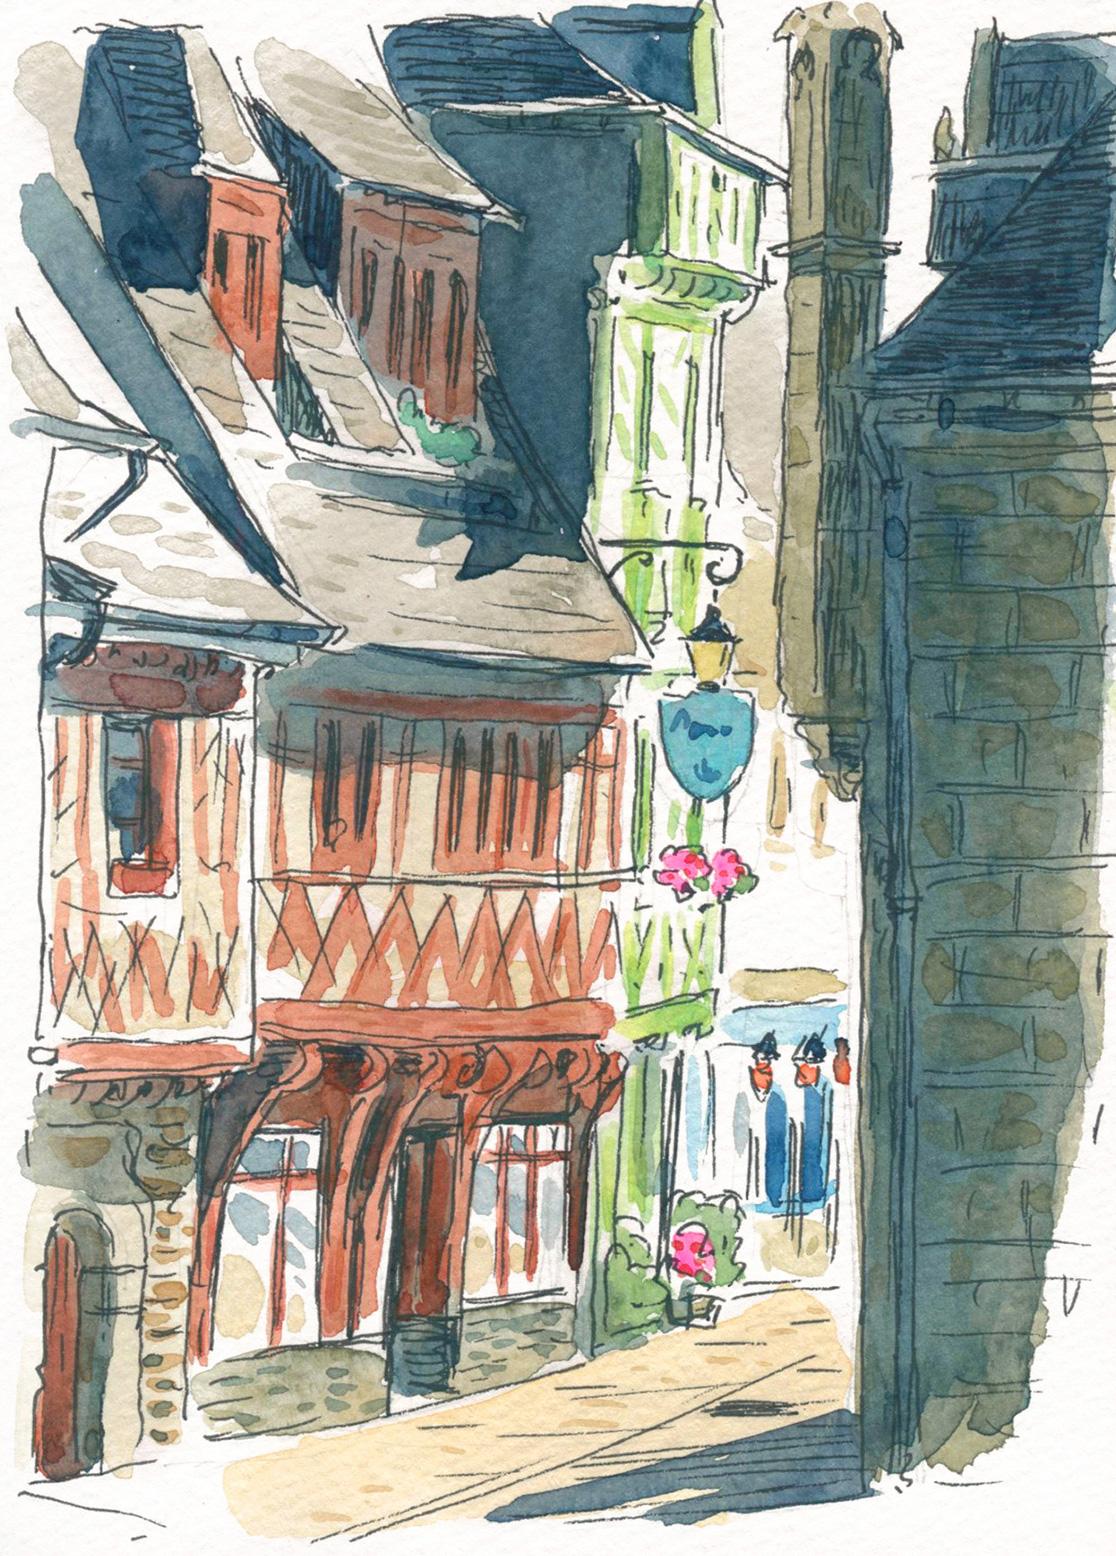 watercolor sketch of Josselin